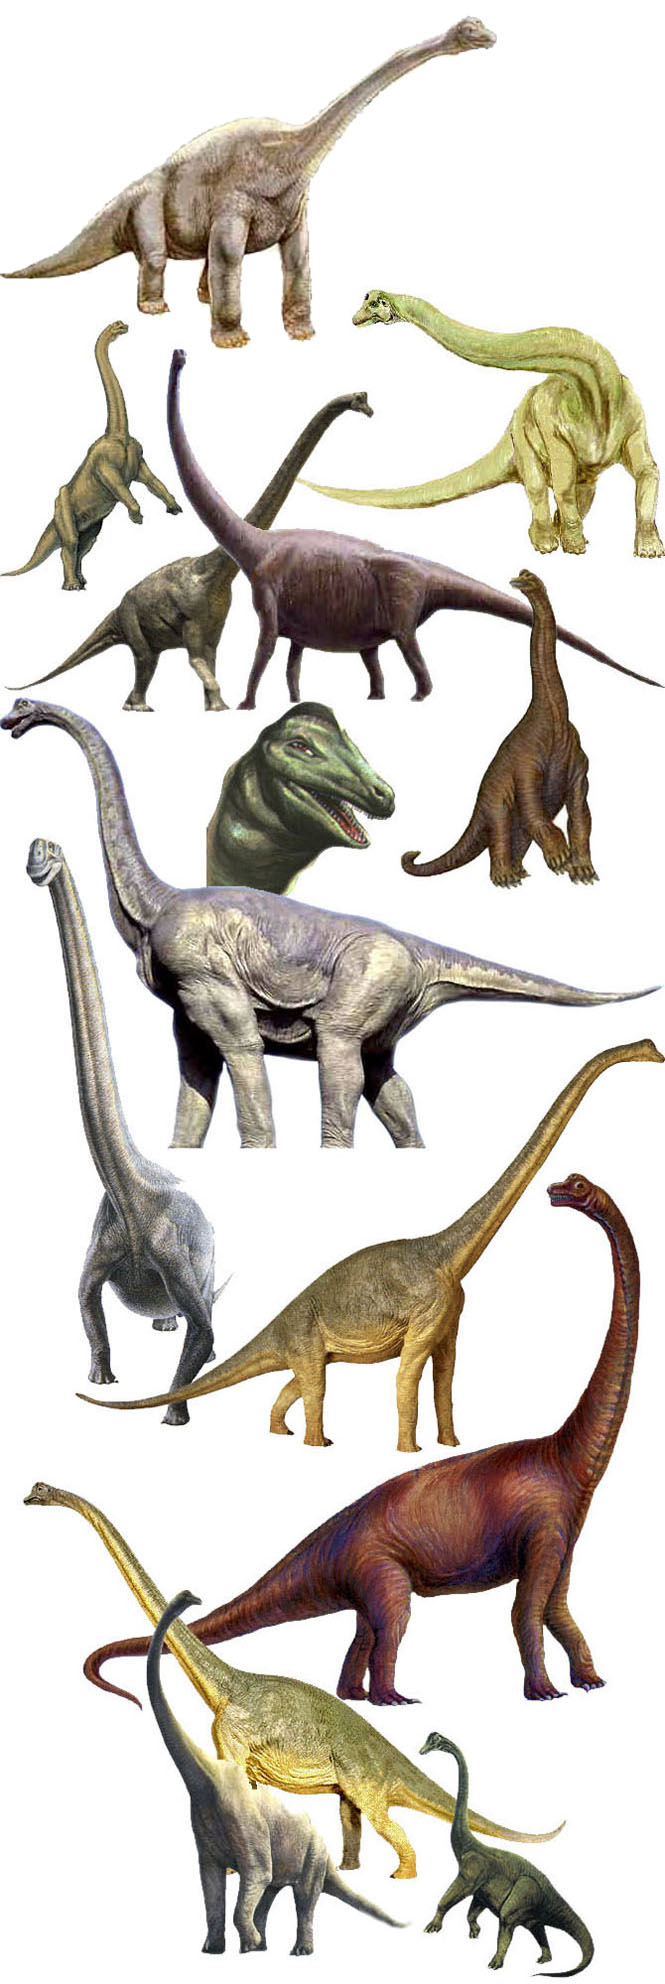 كل شيء عن الدايناصورات بالصور والفيديو 1_3710